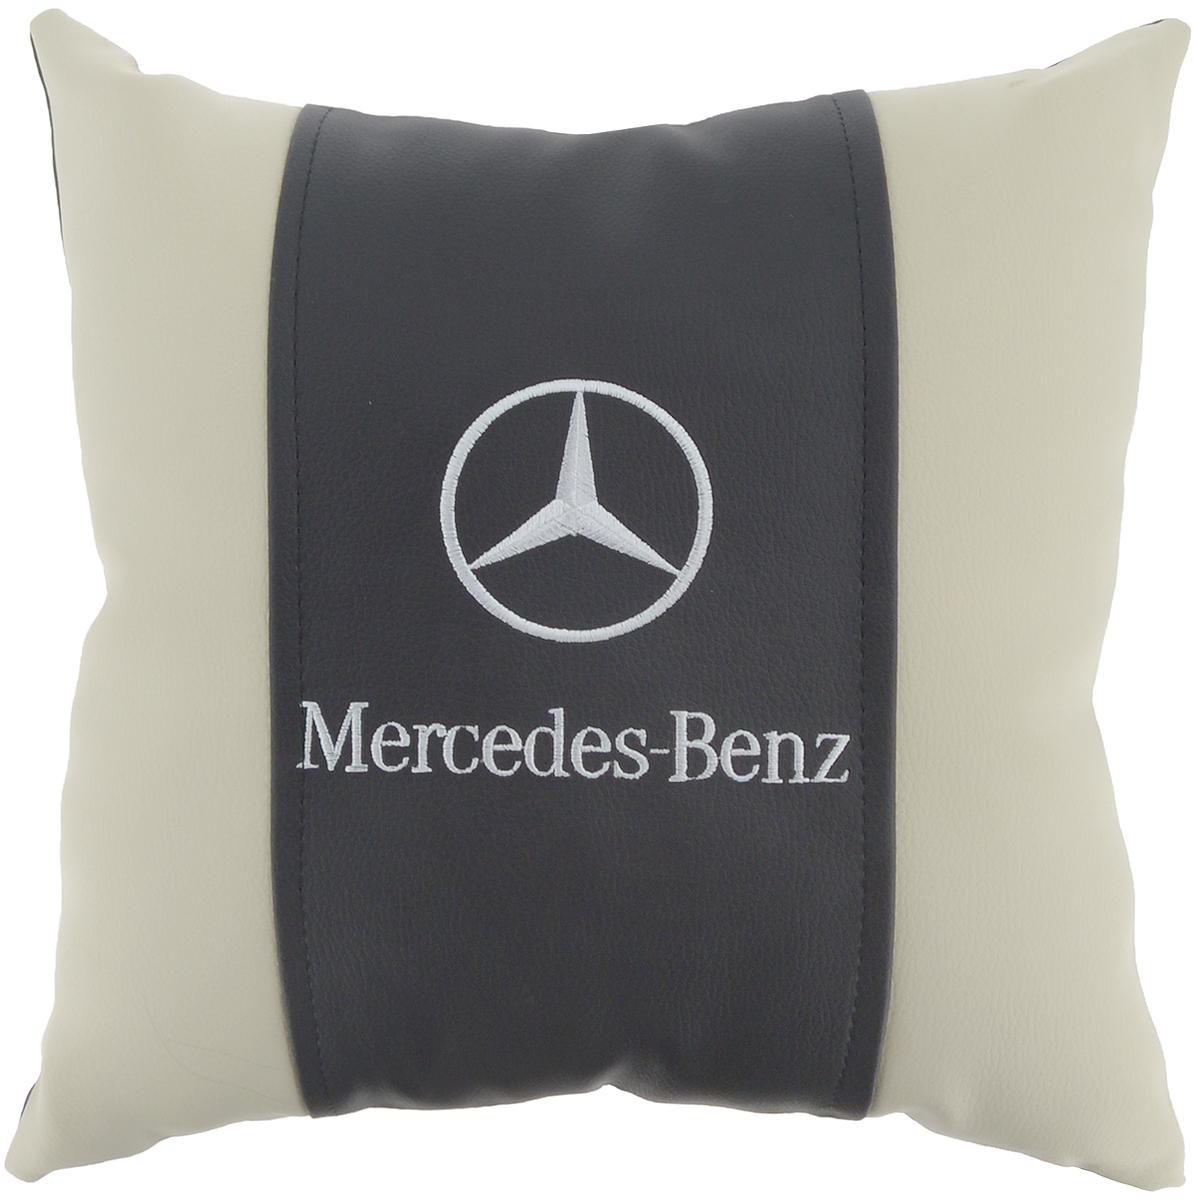 Подушка на сиденье Autoparts Mercedes, 30 х 30 смМ055Подушка на сиденье Autoparts Mercedes создана для тех, кто весь свой день вынужден проводить за рулем. Чехол выполнен из высококачественной дышащей экокожи. Наполнителем служит холлофайбер. На задней части подушки имеется змейка. Особенности подушки: - Хорошо проветривается. - Предупреждает потение. - Поддерживает комфортную температуру. - Обминается по форме тела. - Улучшает кровообращение. - Исключает затечные явления. - Предупреждает развитие заболеваний, связанных с сидячим образом жизни. Подушка также будет полезна и дома - при работе за компьютером, школьникам - при выполнении домашних работ, да и в любимом кресле перед телевизором.